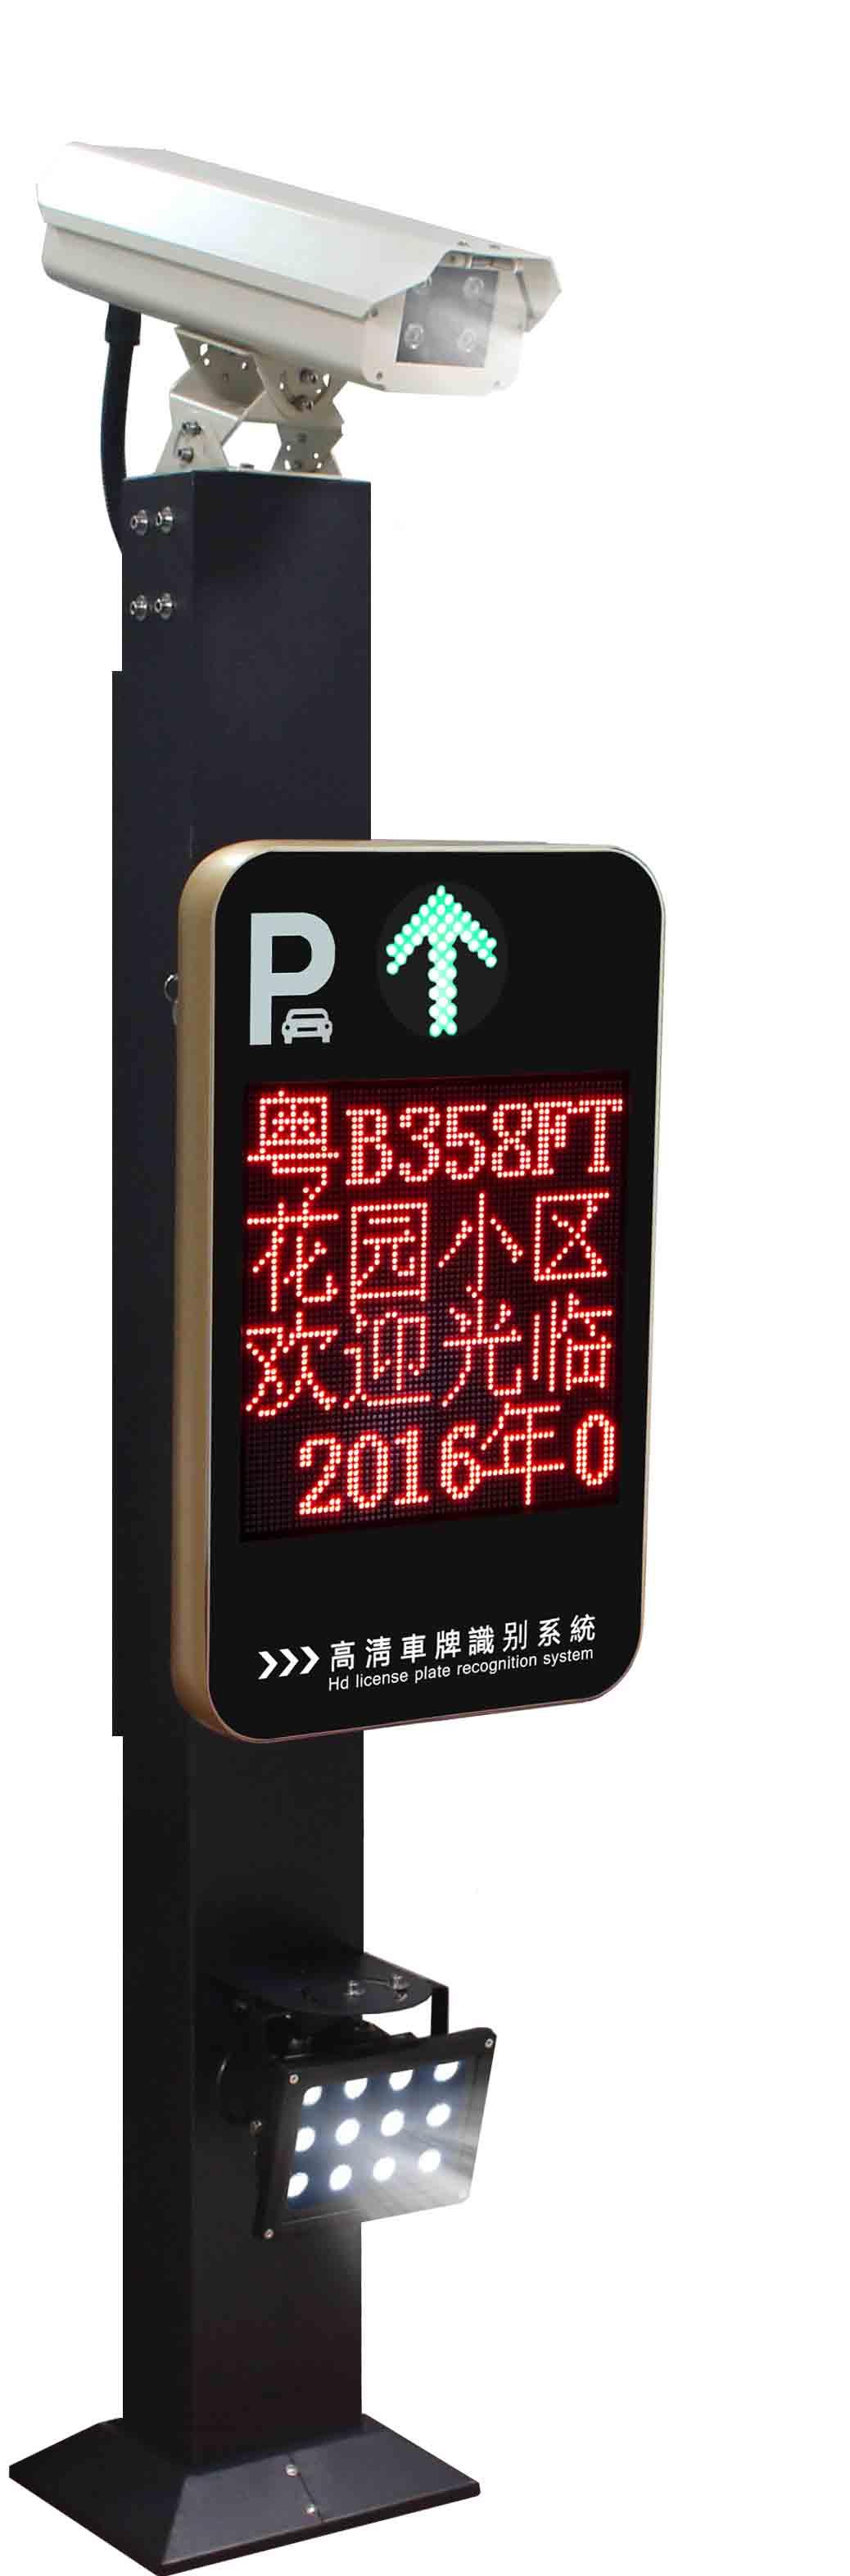 豪华款车牌识别-车牌识别系统-产品中心-深圳市华特